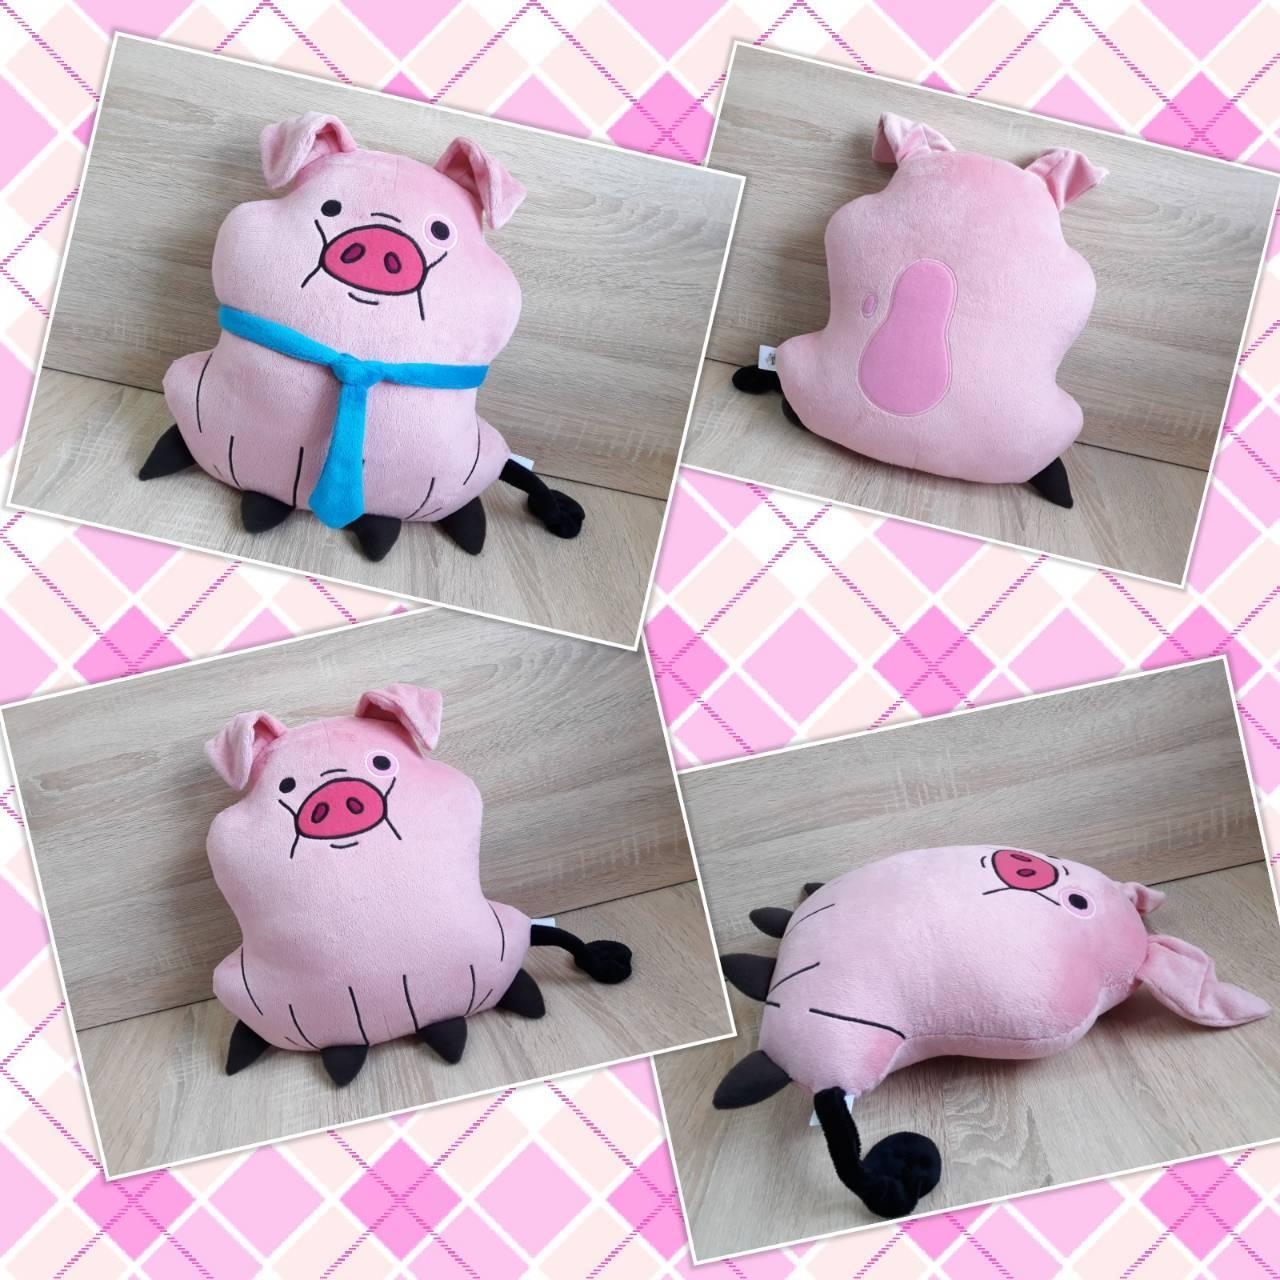 Мягкая игрушка - подушка свинка Пухля (Вадлс) из Гравити Фолз, ручная работа